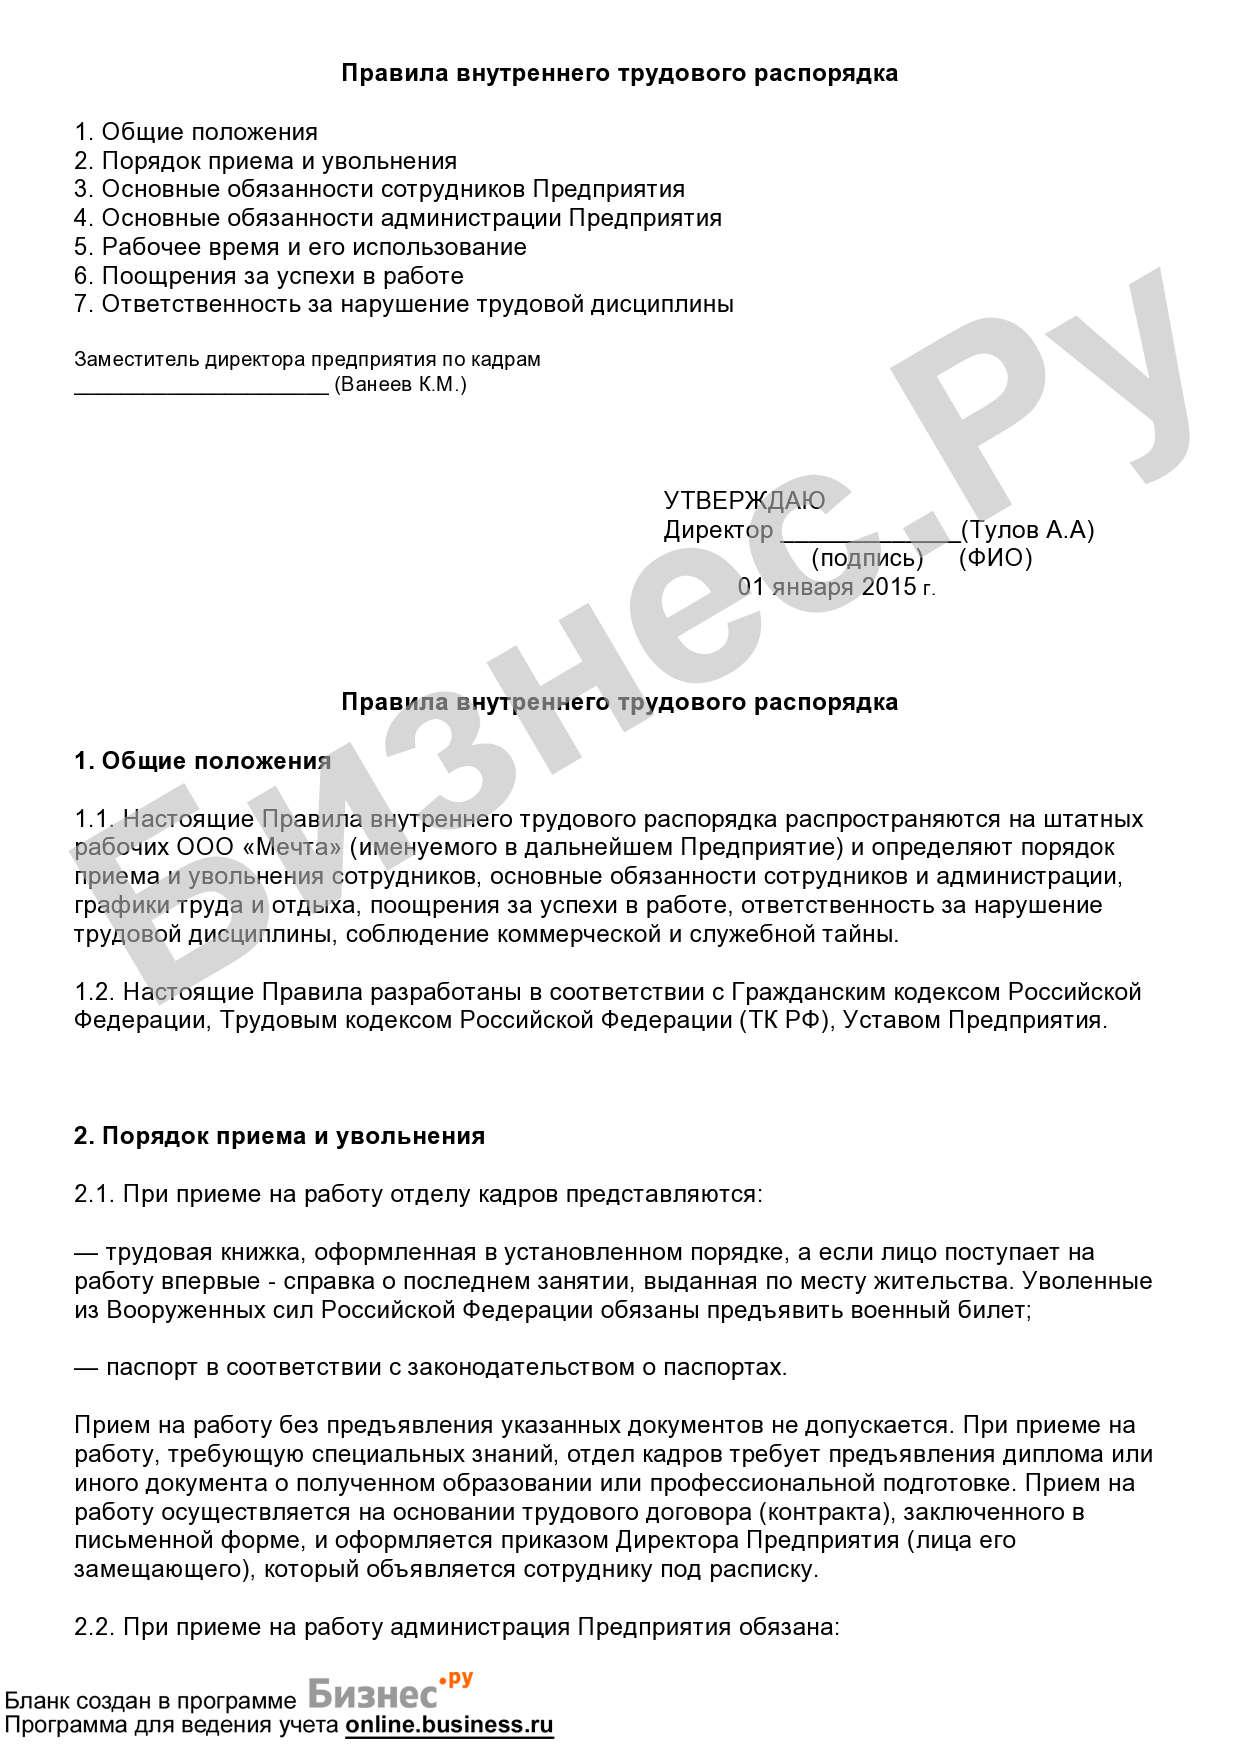 sostavlyaem-pravila-vnutrennego-trudovogo-rasporyadka-2